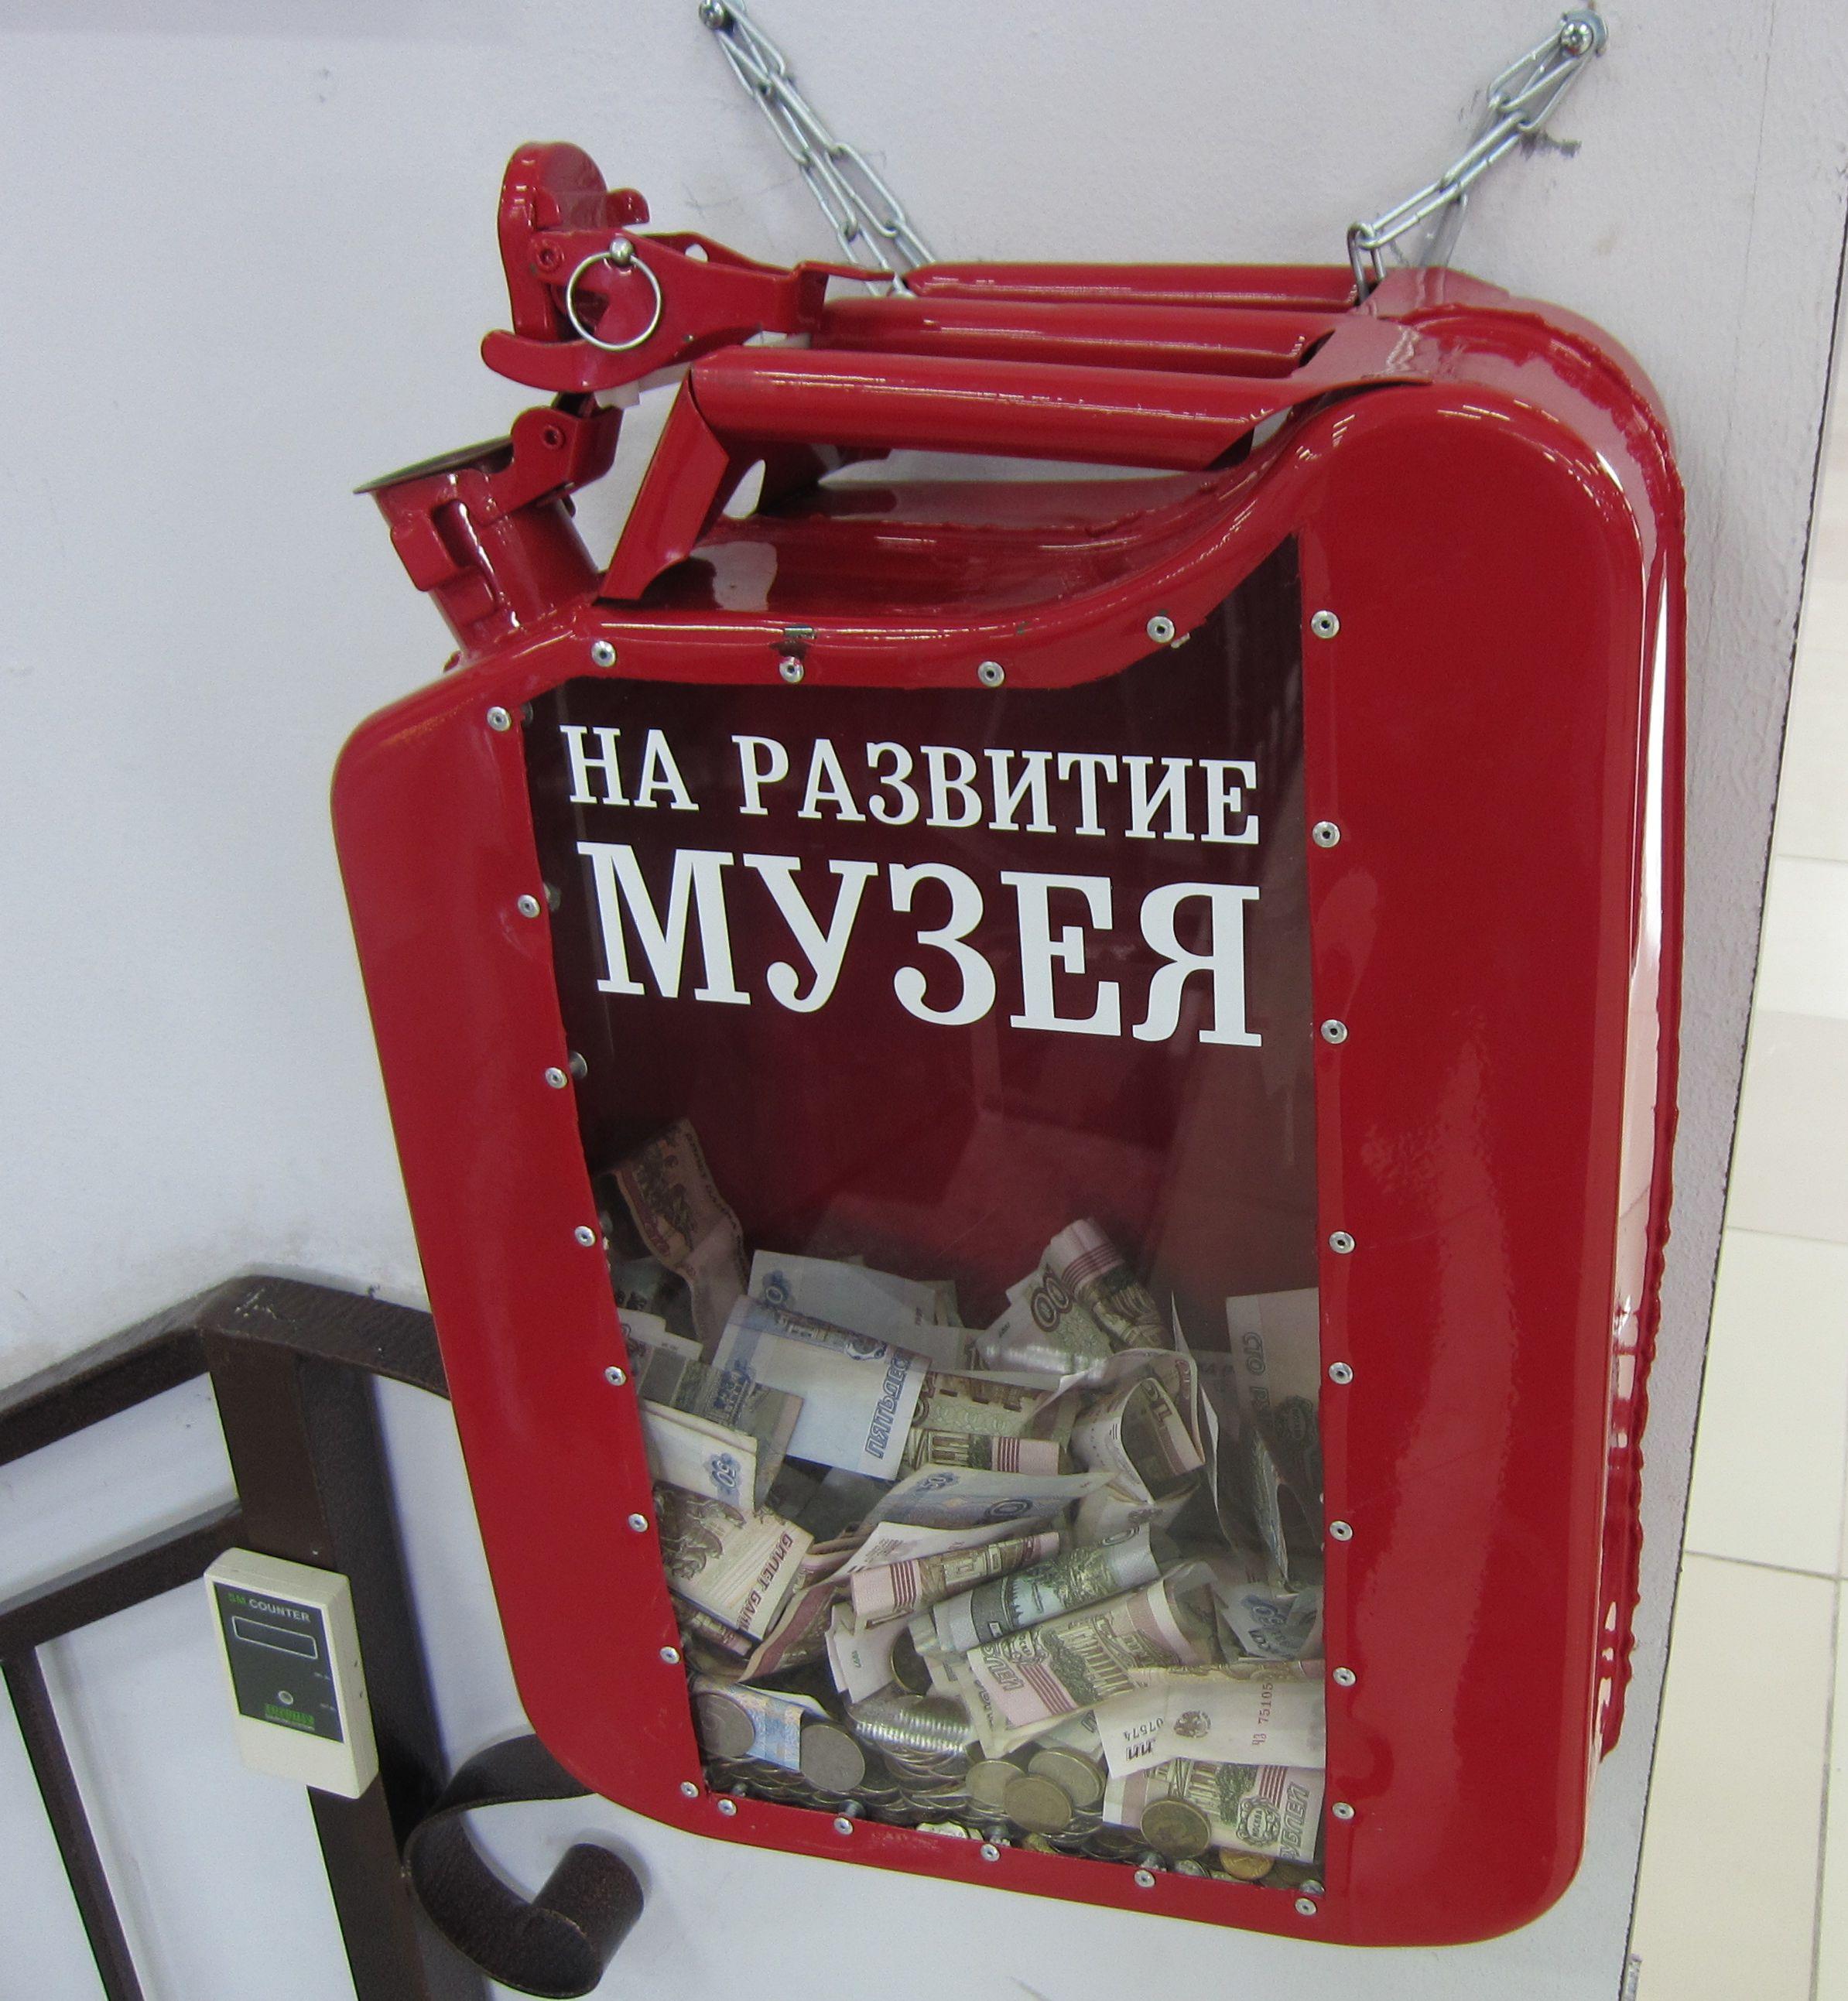 Музейная касса сделана в виде бензиновой канистры (10.08.2015)